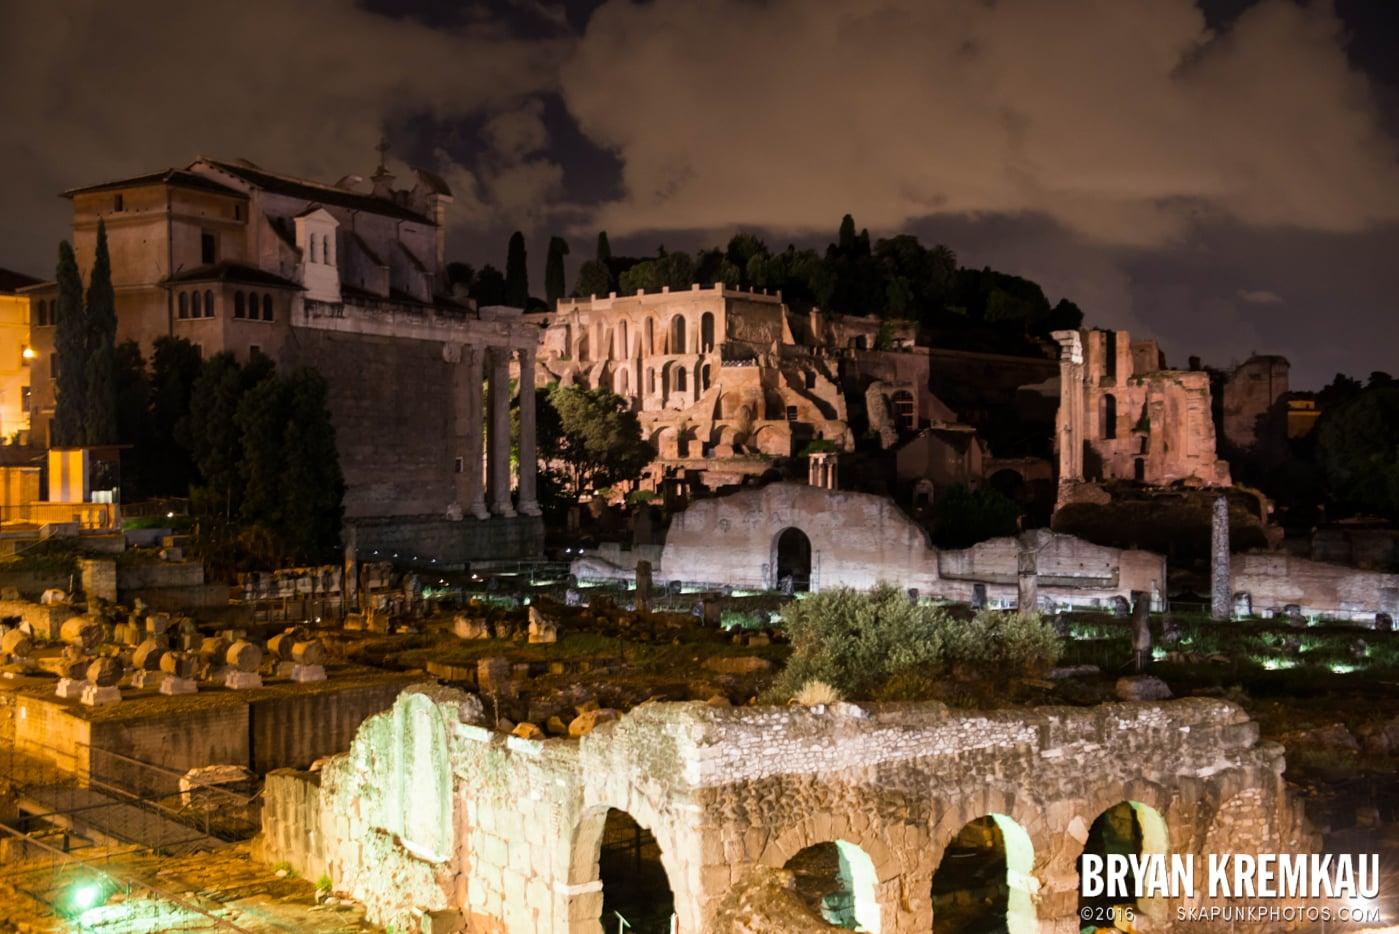 Italy Vacation - Day 2: Rome - 9.10.13 (5)